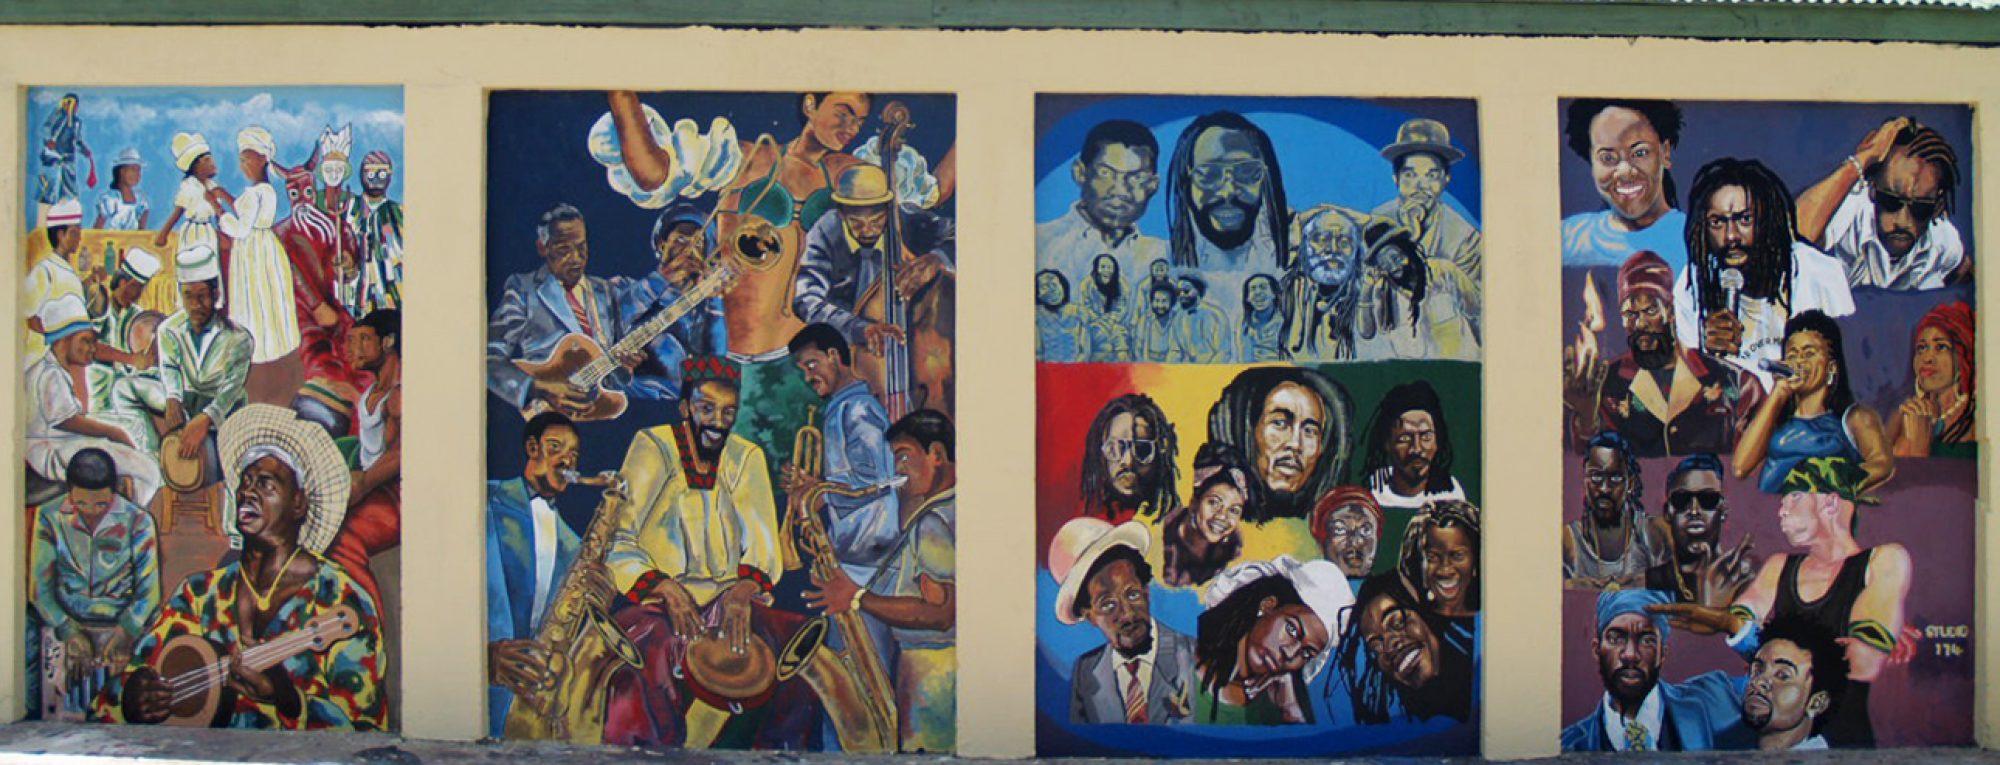 Jamaica Music Museum